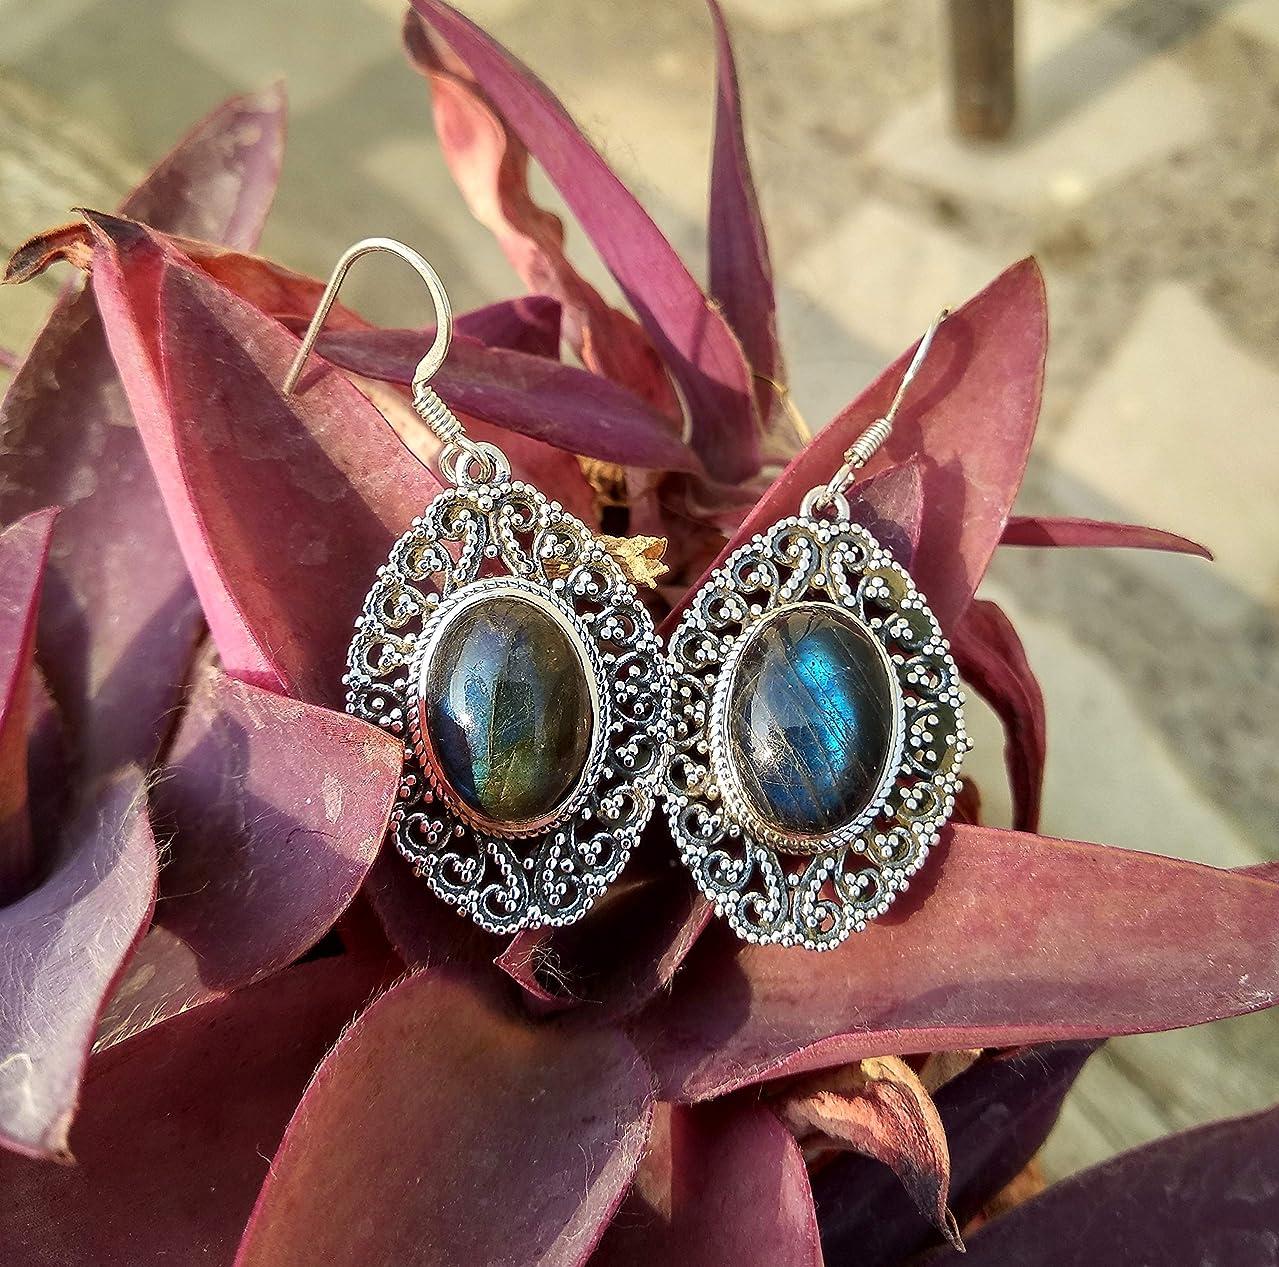 Labradorite Earrings, 925 Sterling Silver Earrings, Victorian Earrings, Blue Flash Earrings, Natural Stone Earrings, Gothic Earrings, Jewelry, Dangle Earrings, Women Earrings, Wedding Earrings, Gifts